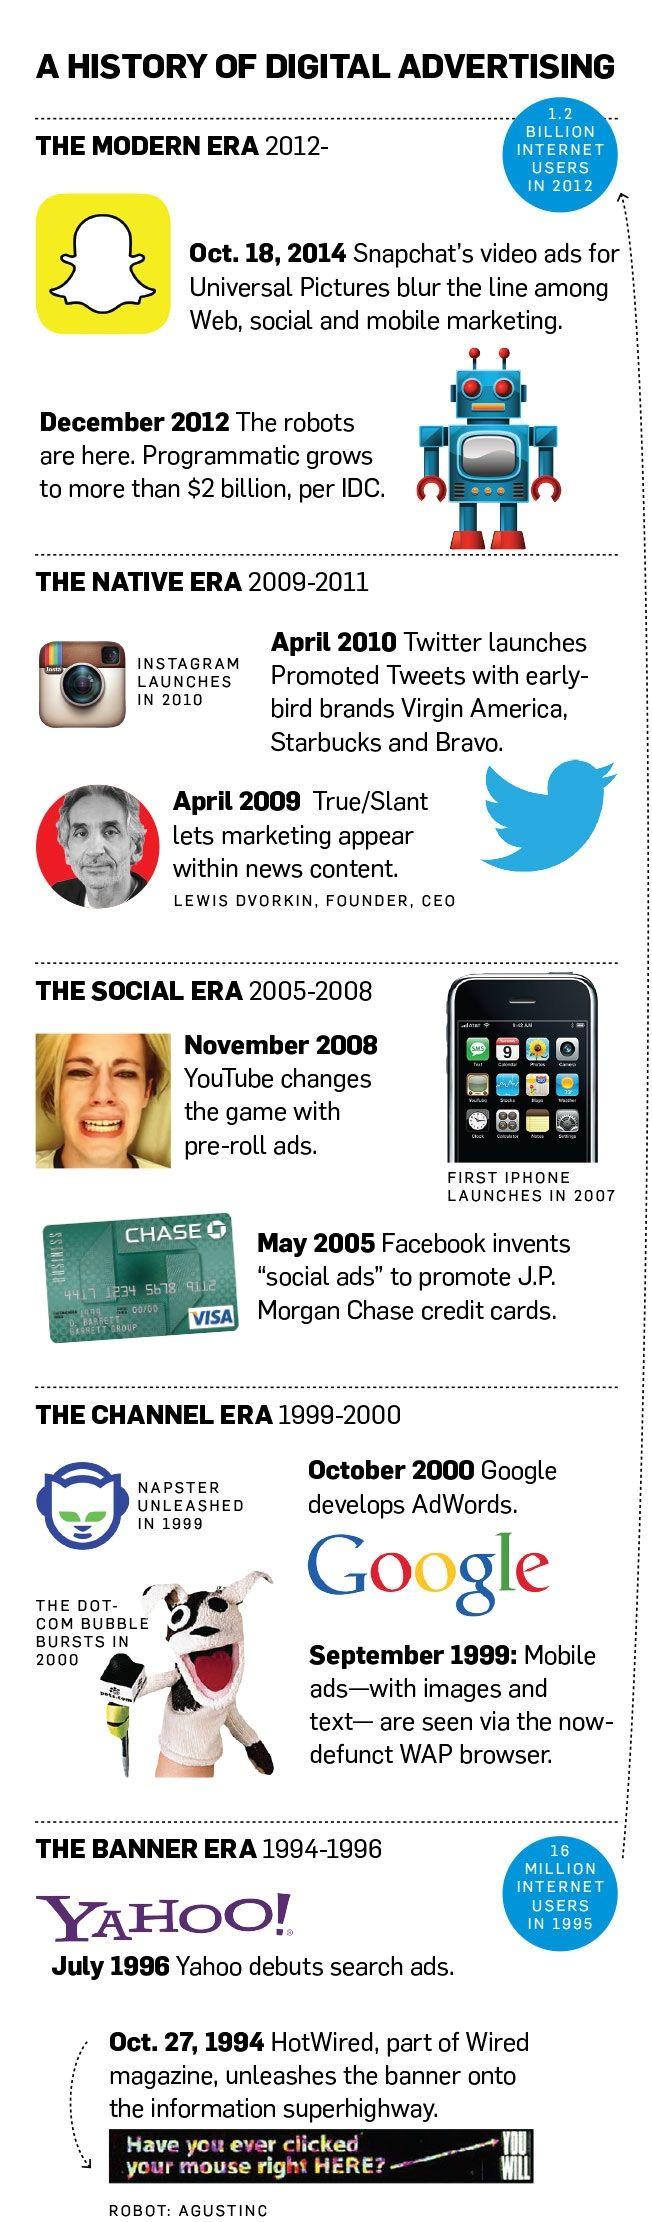 20 ans de publicité en ligne : de la bannière aux spots sponsorisés sur Snapchat